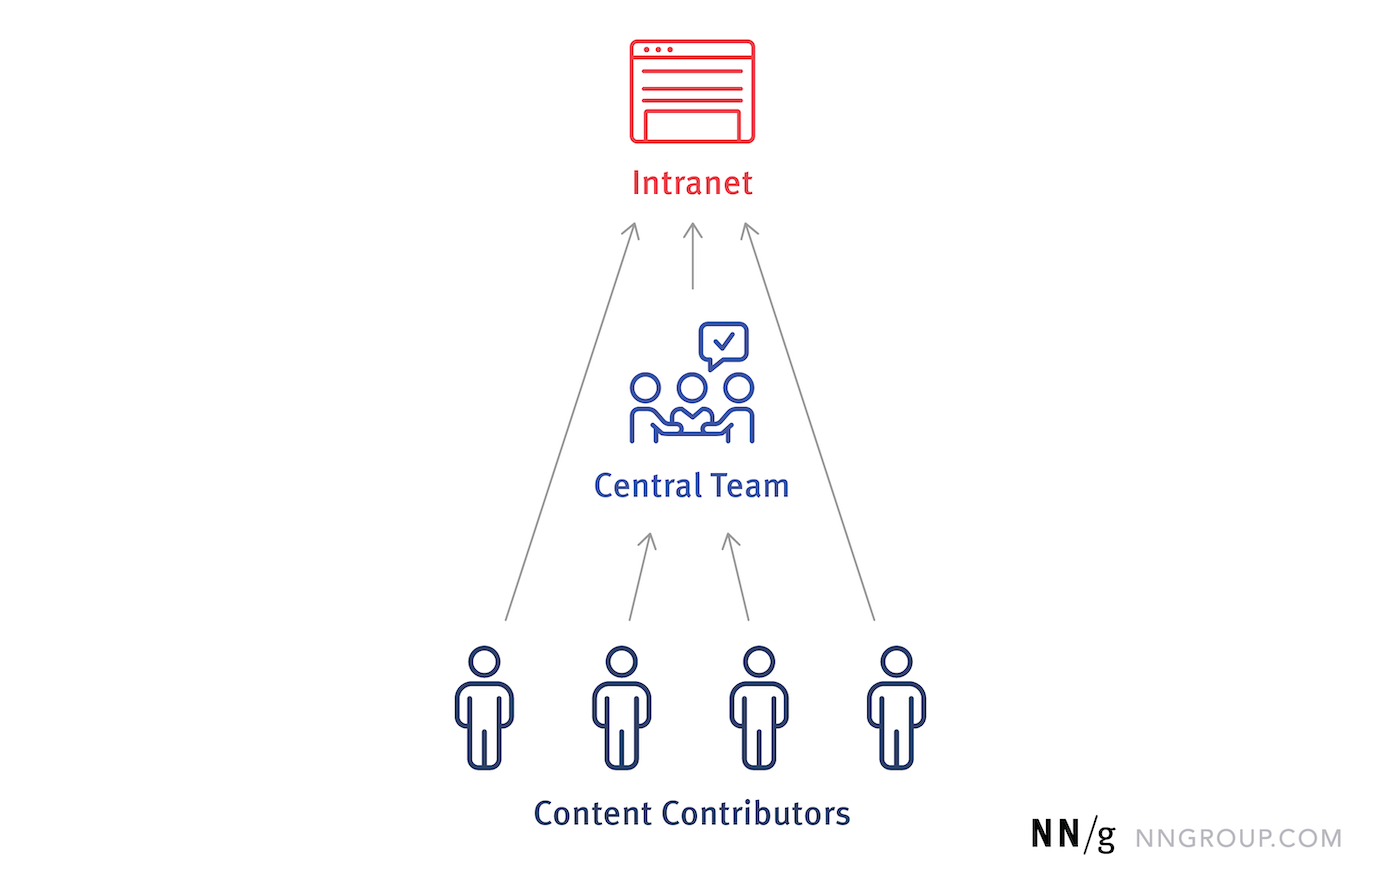 信息图显示了一些内容贡献者通过一个中心团队发布内容,而其他贡献者能够直接发布到内部网。